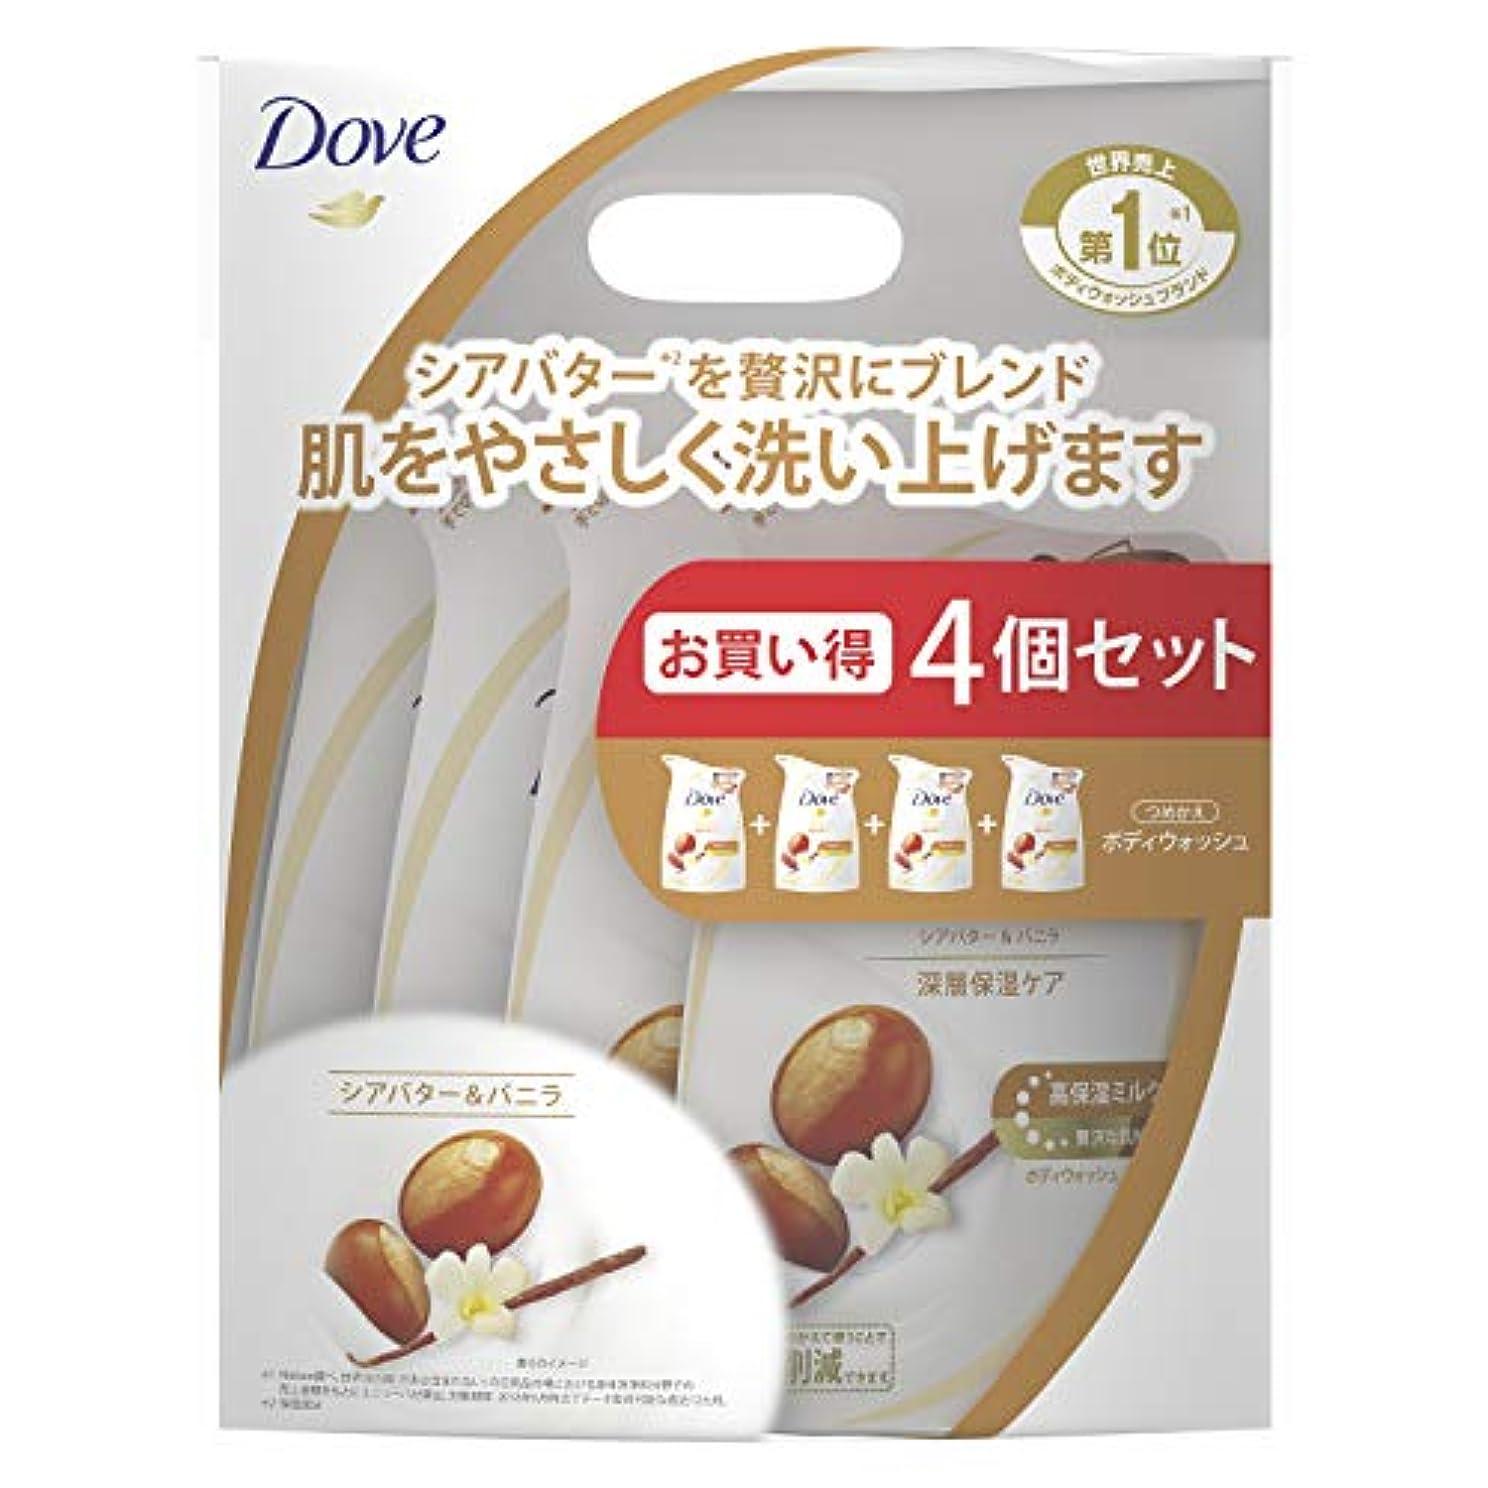 球体いいねバラバラにするDove(ダヴ) ダヴ ボディウォッシュ リッチケア シアバター&バニラ つめかえ用 4個セット ボディソープ 詰替え 340g×4個